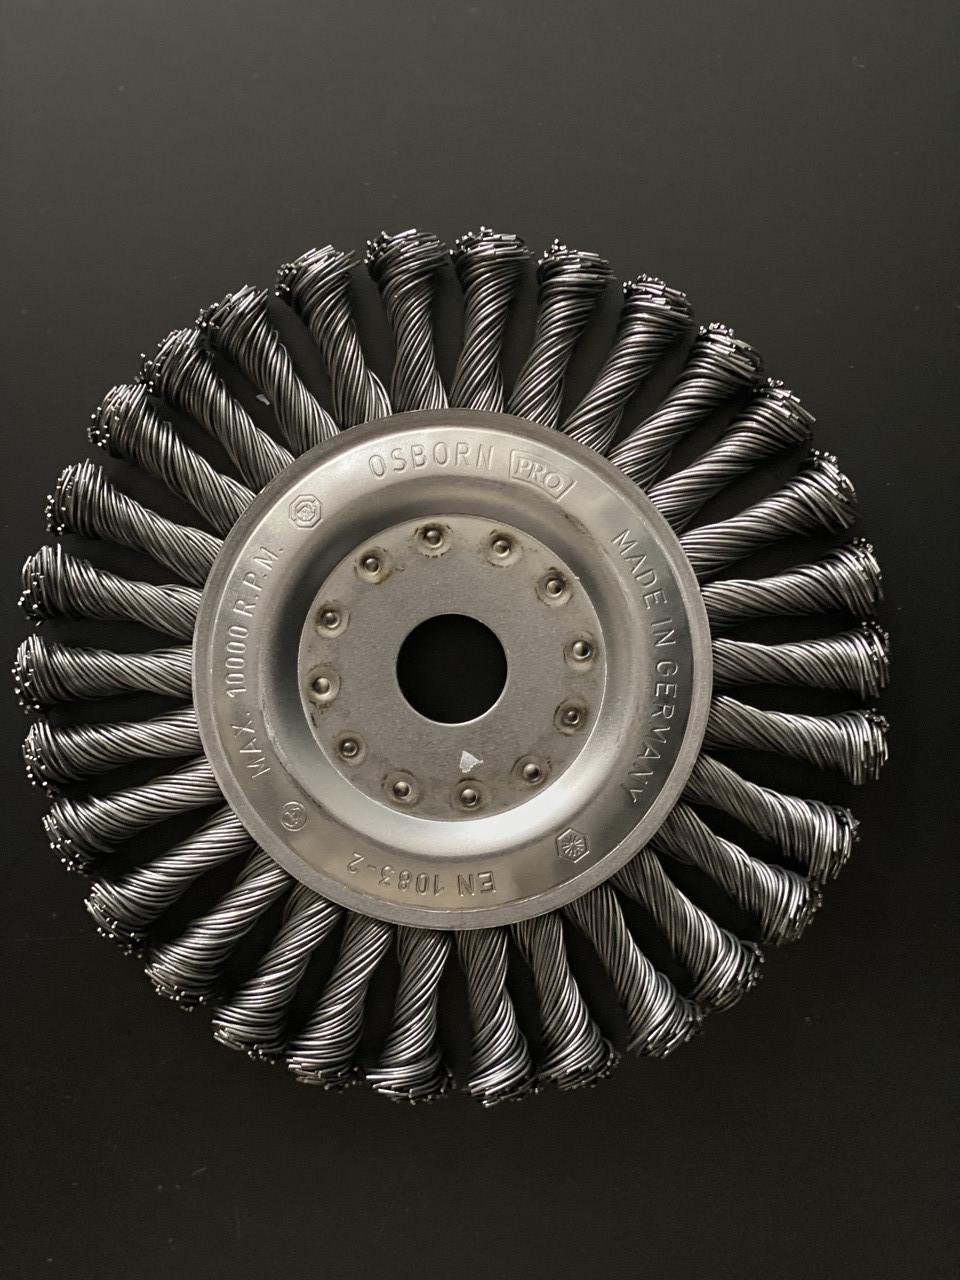 Щётка дисковая D 178 x 13 x 22,2 mm. OSBORN Жгутовая стальная проволока 0,8mm